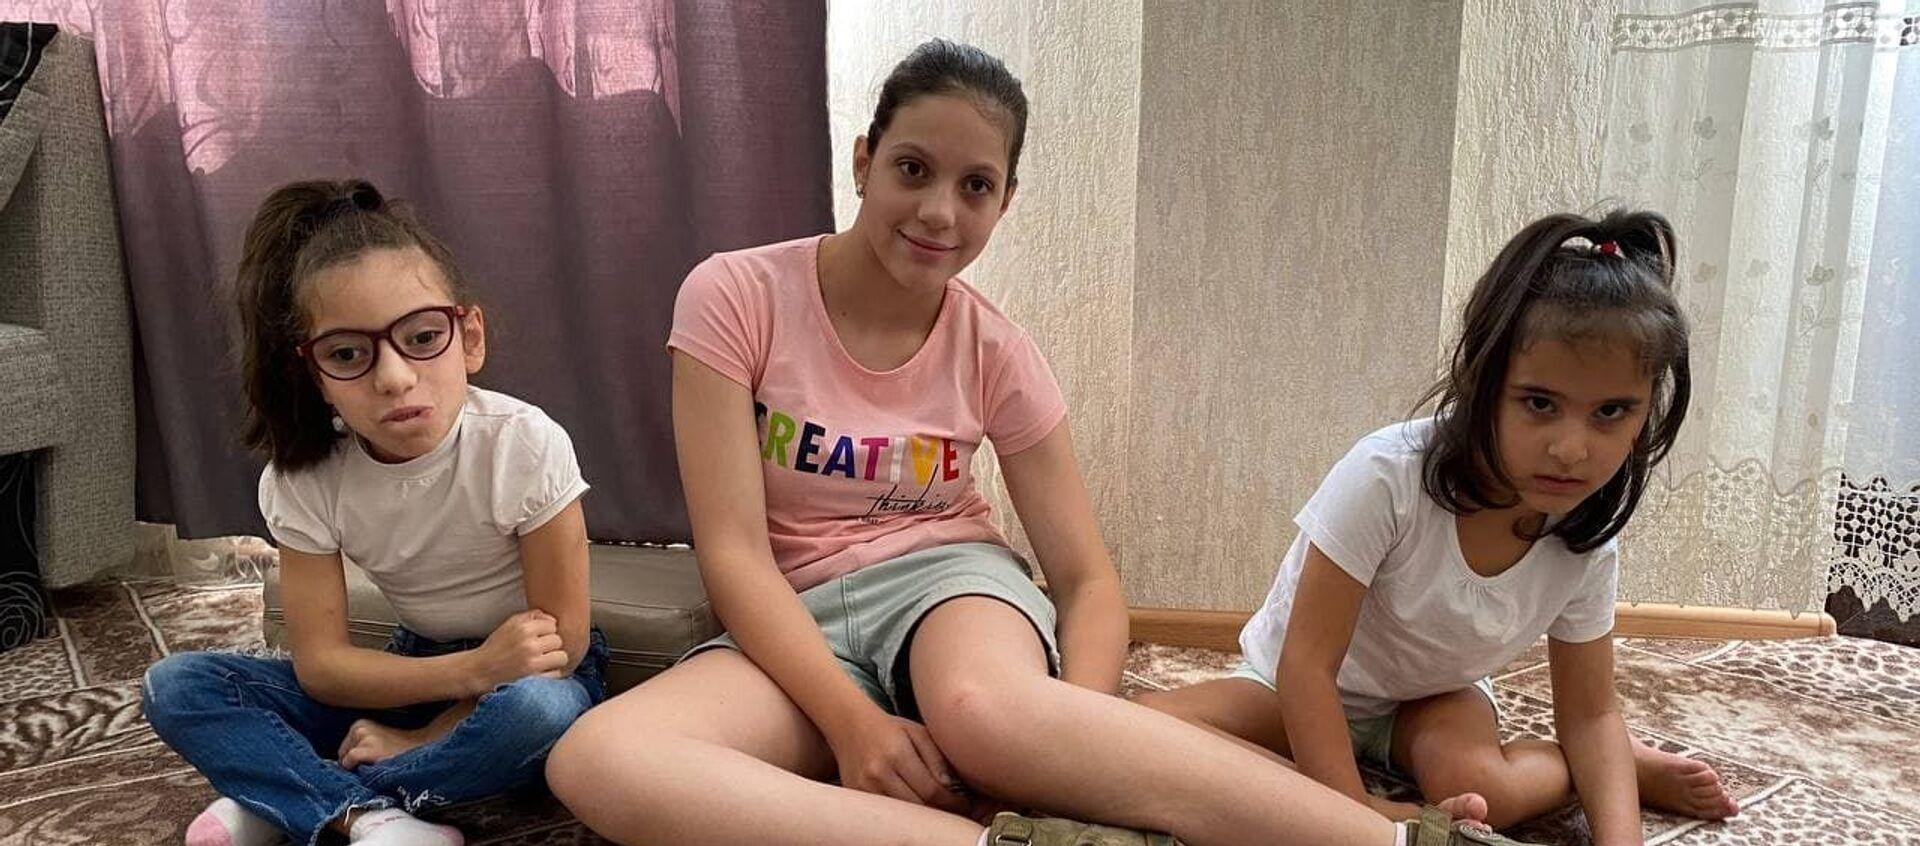 Девочки с диагнозом ДЦП  - Sputnik Абхазия, 1920, 23.08.2021